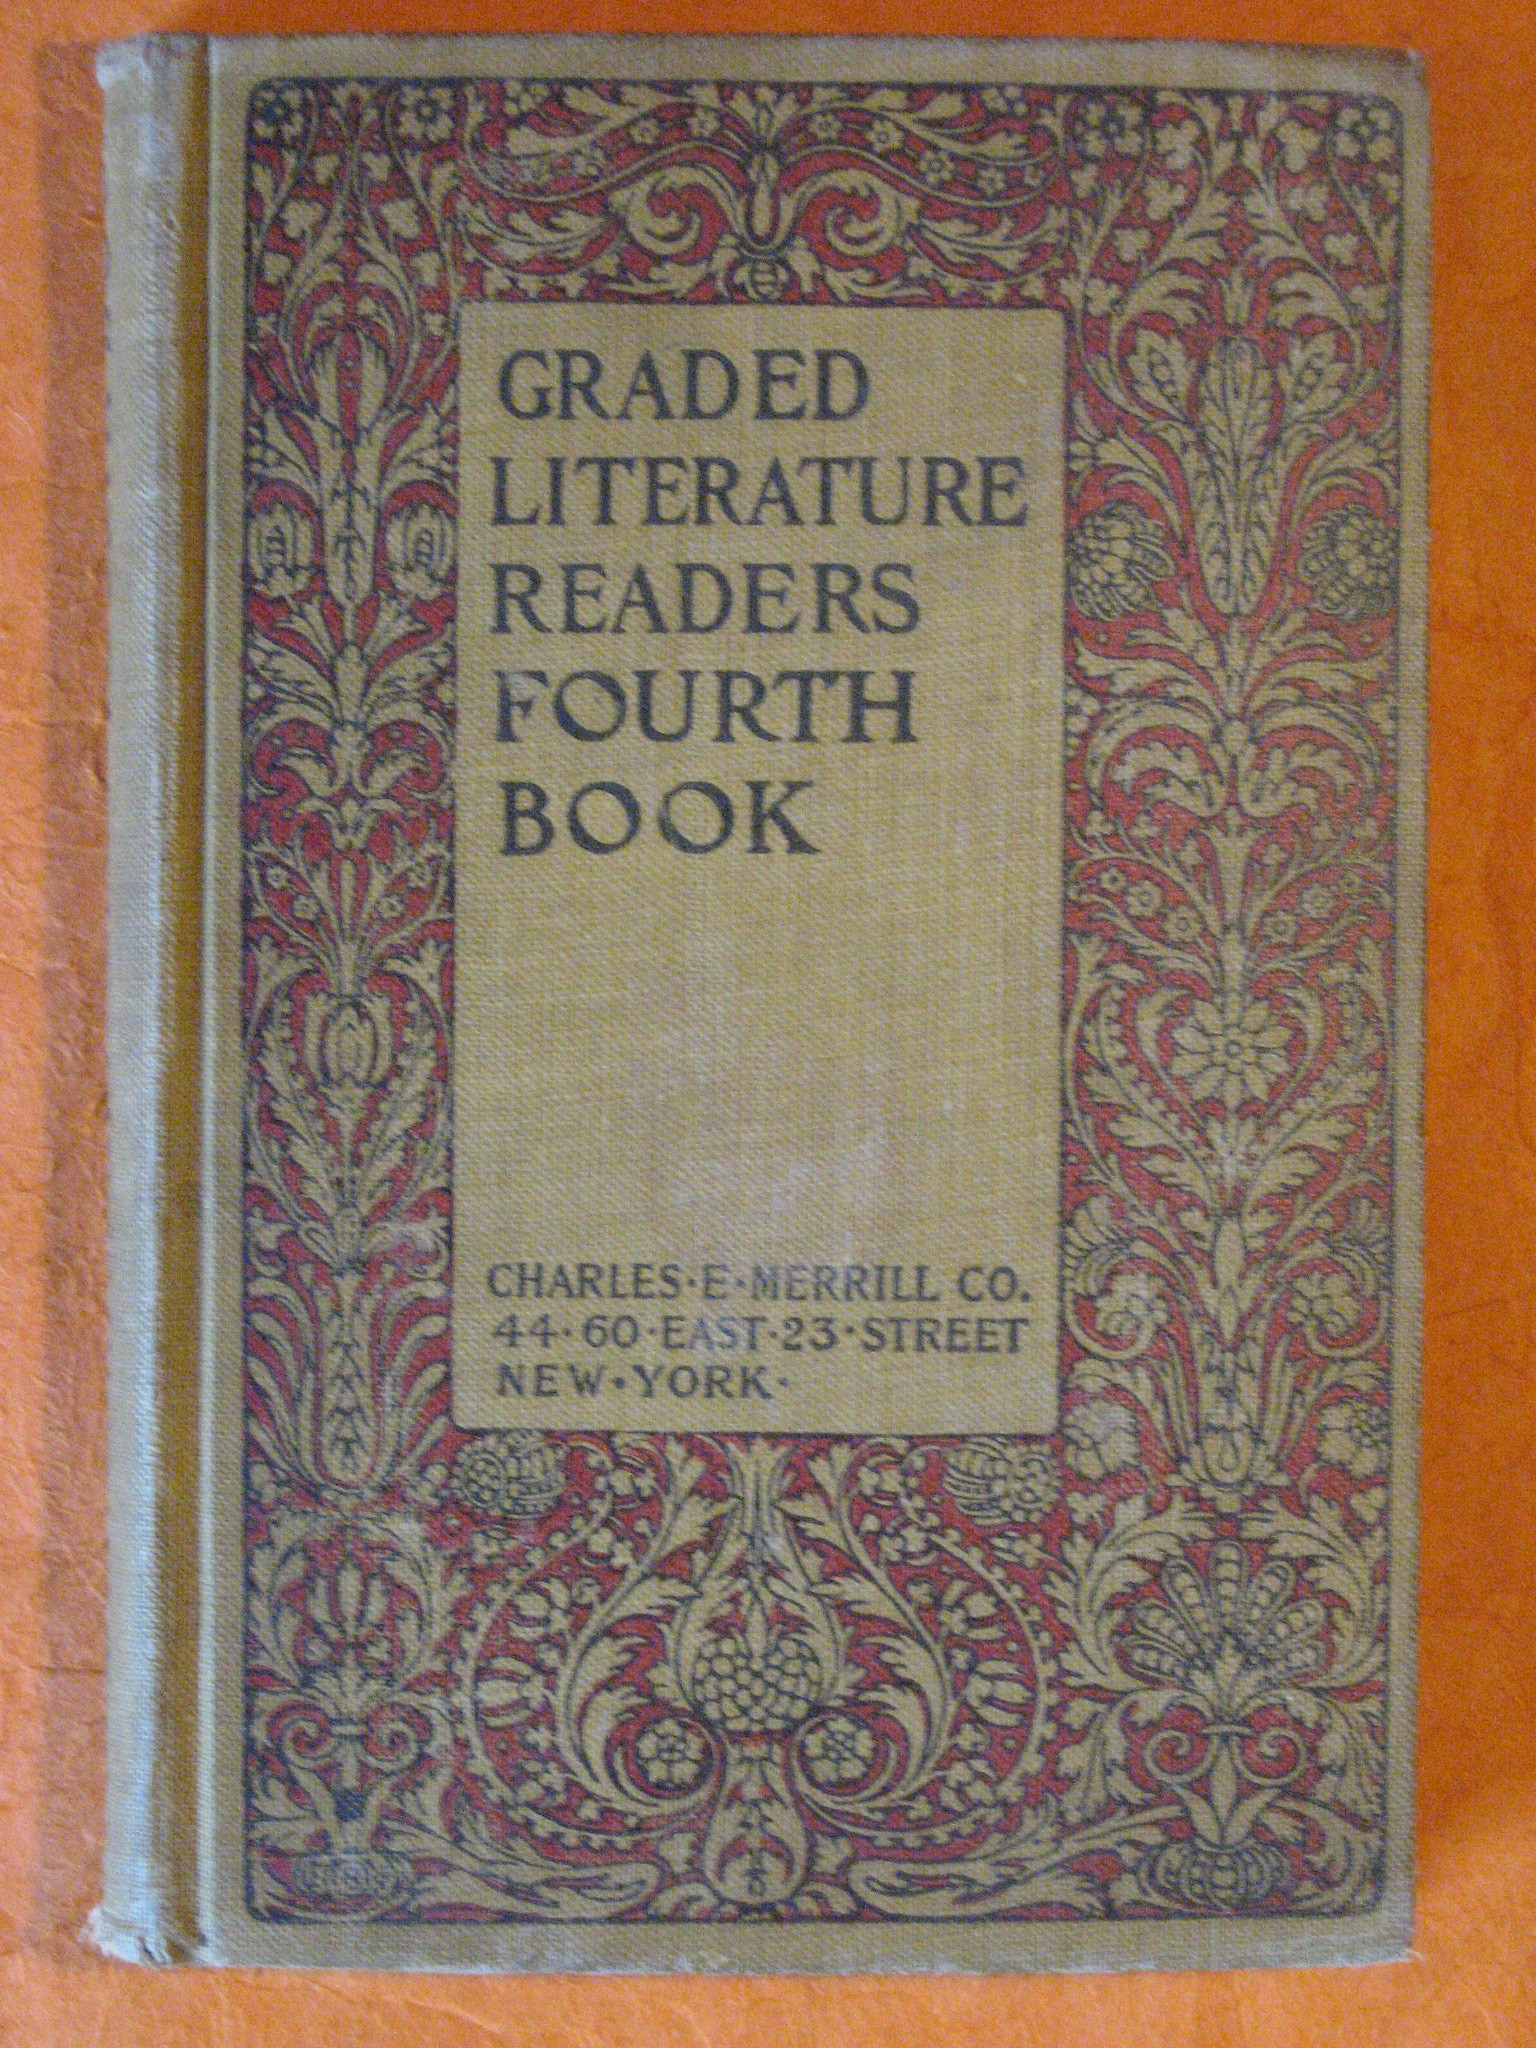 Graded Literature Readers:  Fourth Book, Judson, Harry Pratt; Bender, Ida C.